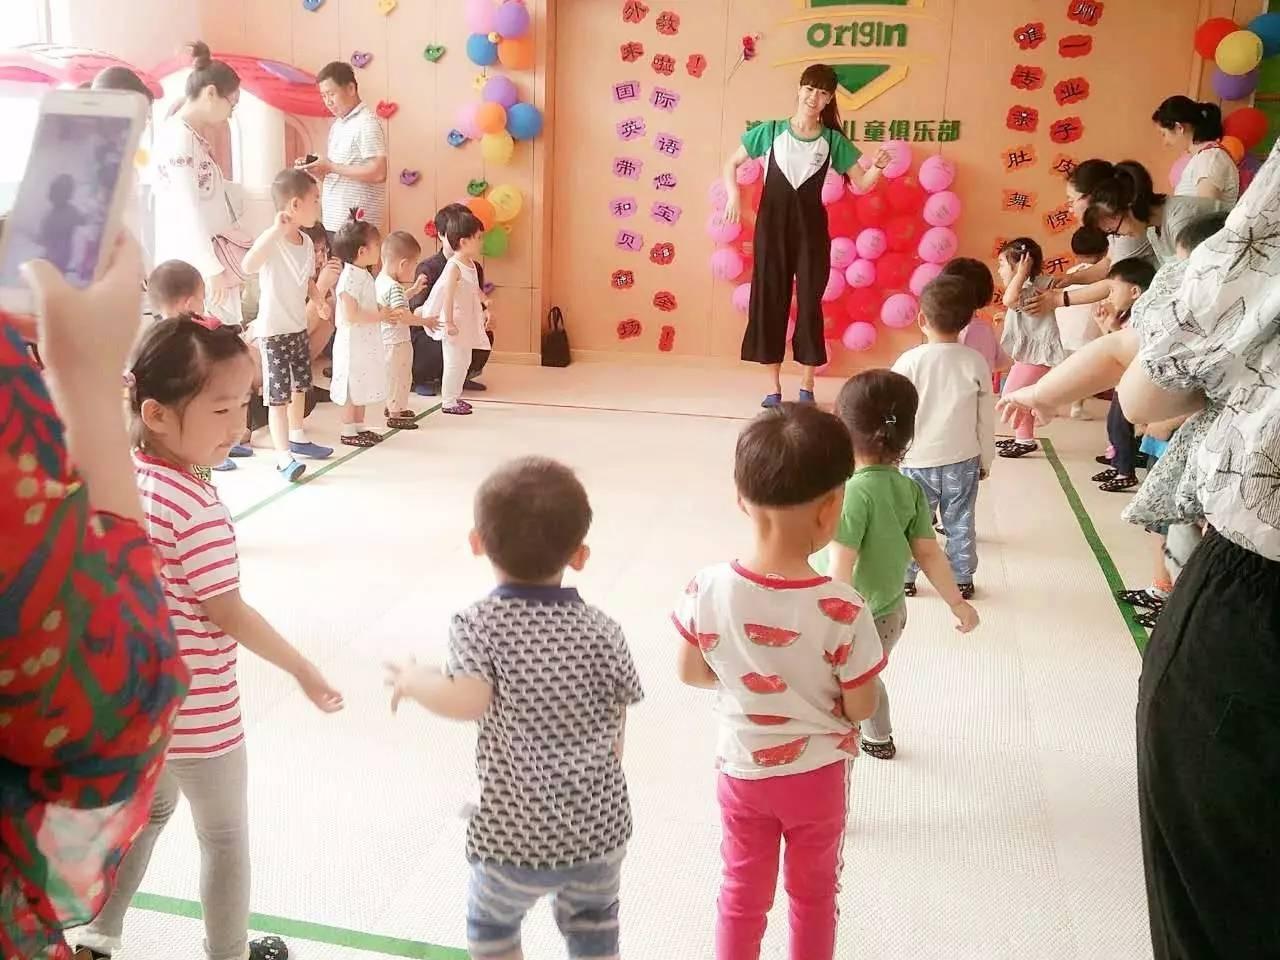 澳真国际英语外教、高级肚皮舞教练公开课活动圆满结束!